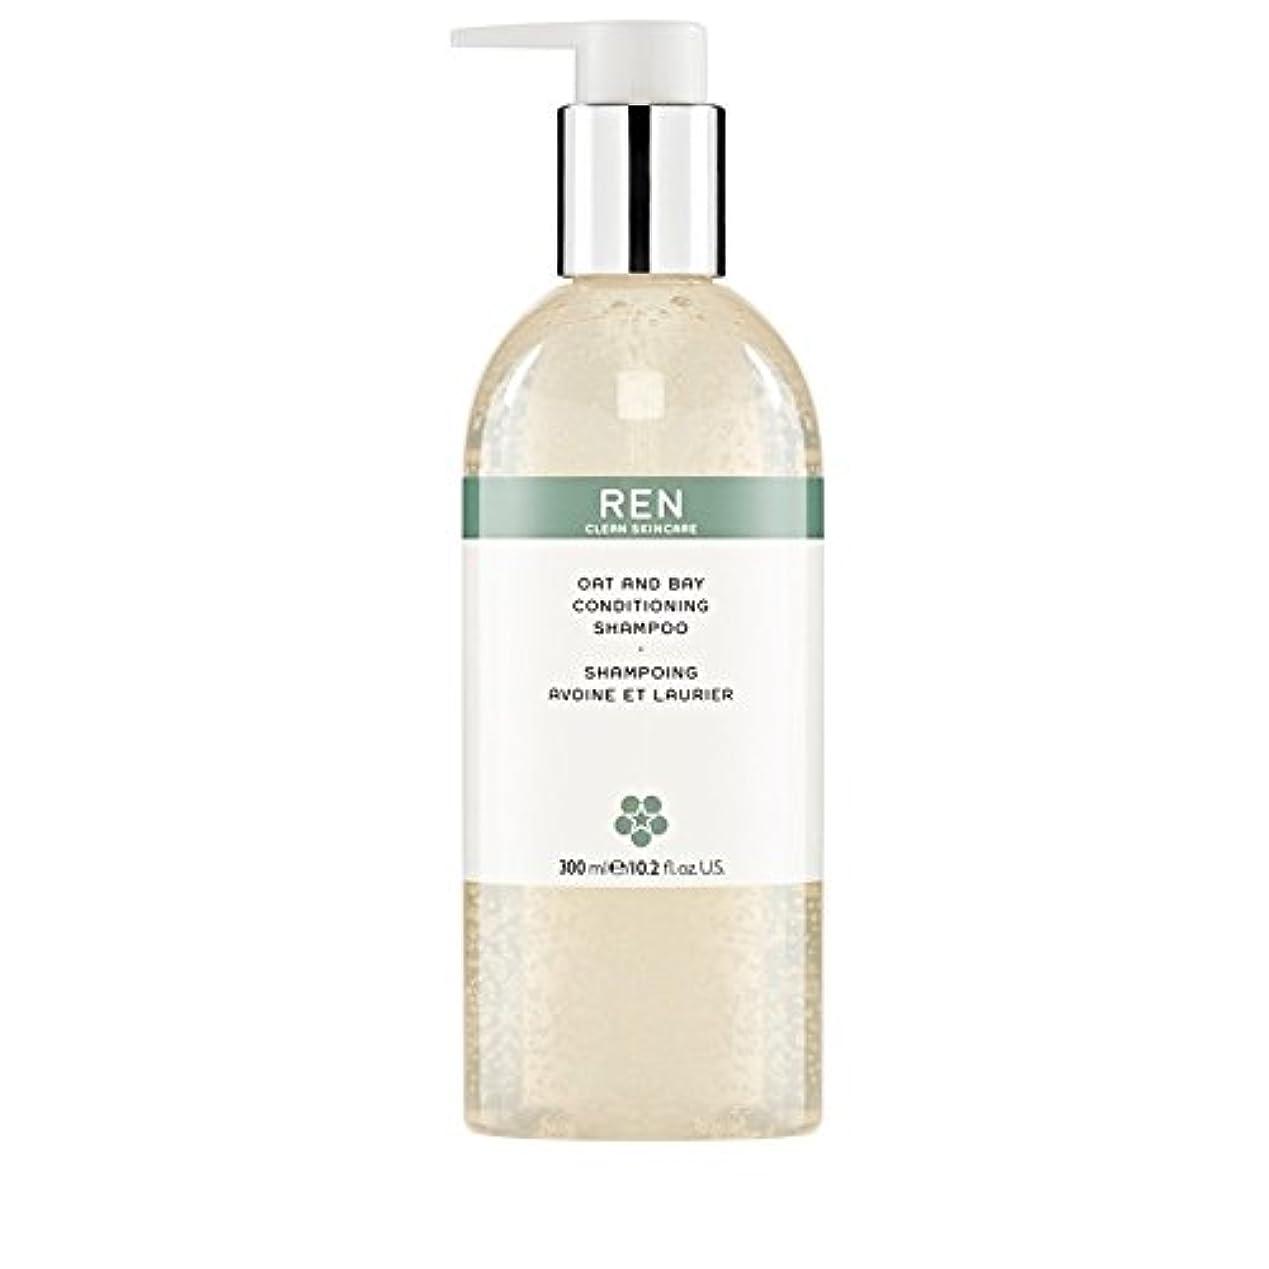 想定必要とする立場REN Oat and Bay Conditioning Shampoo 300ml - オート麦とベイコンディショニングシャンプー300ミリリットル [並行輸入品]